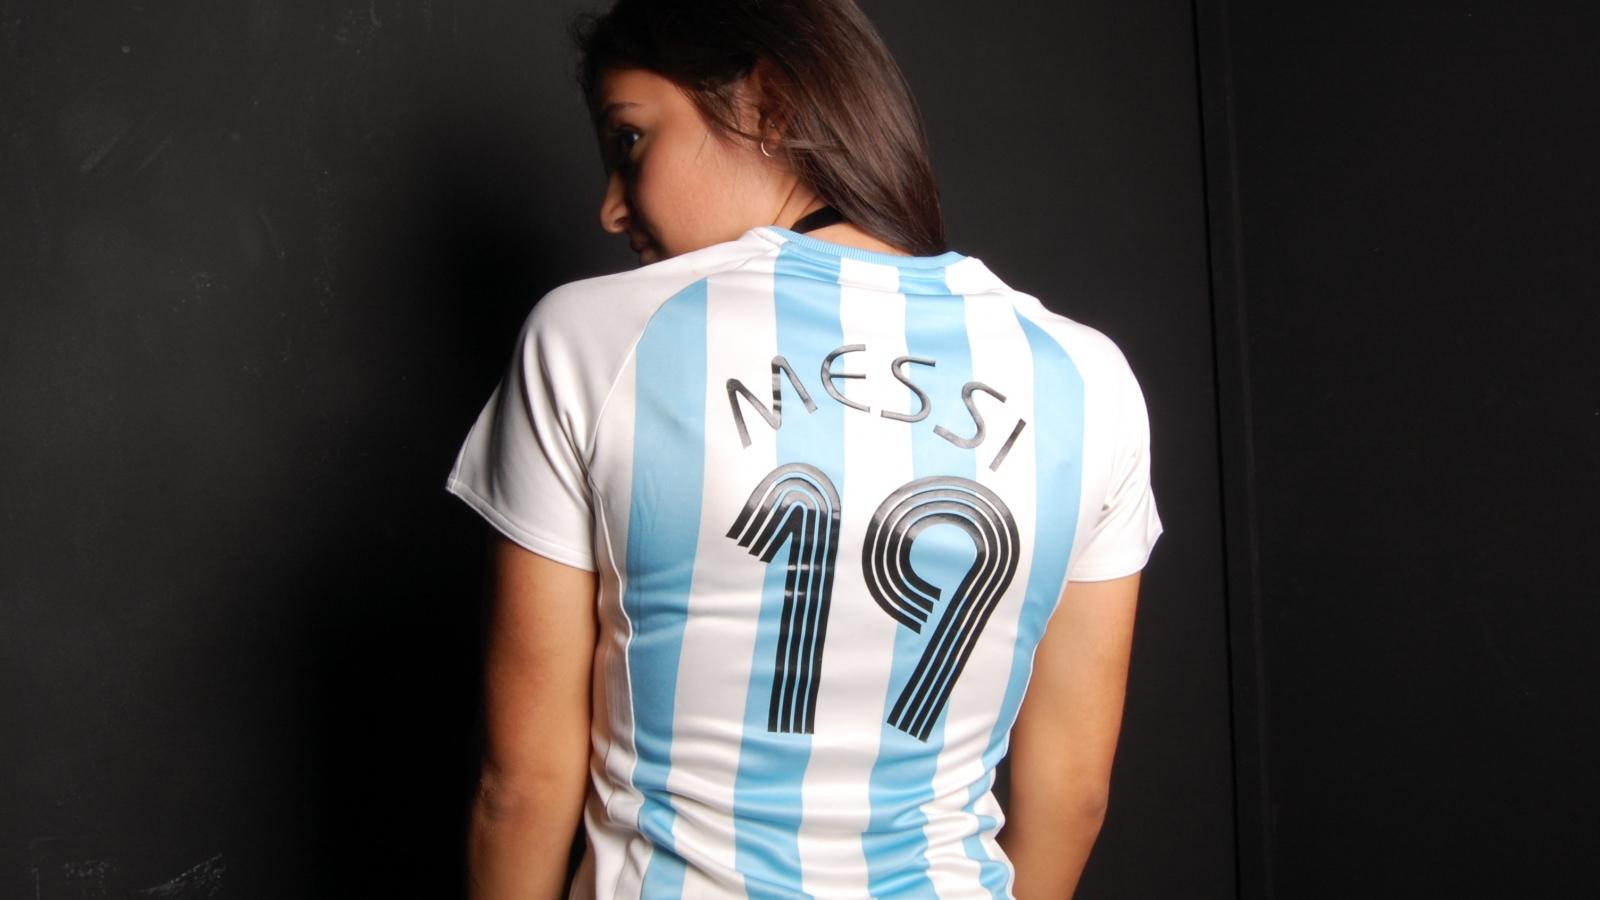 Hincha de Messi - 1600x900